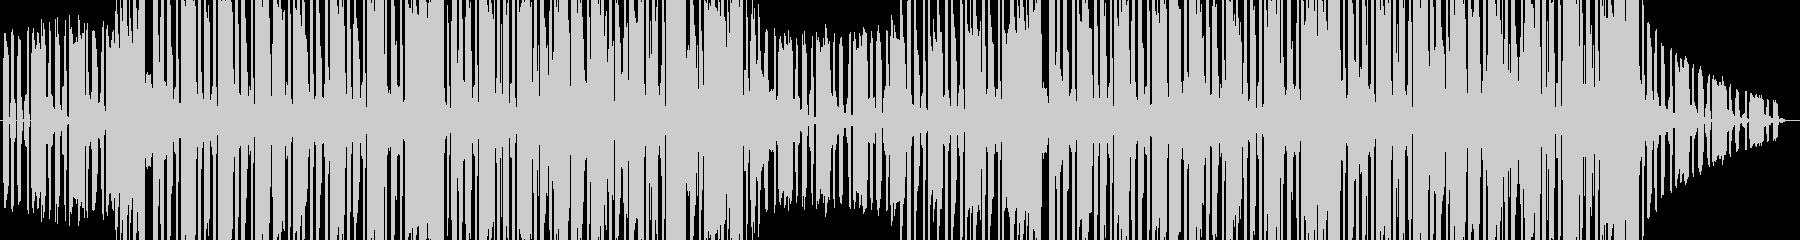 スタイリッシュなヒップホップ音楽の未再生の波形